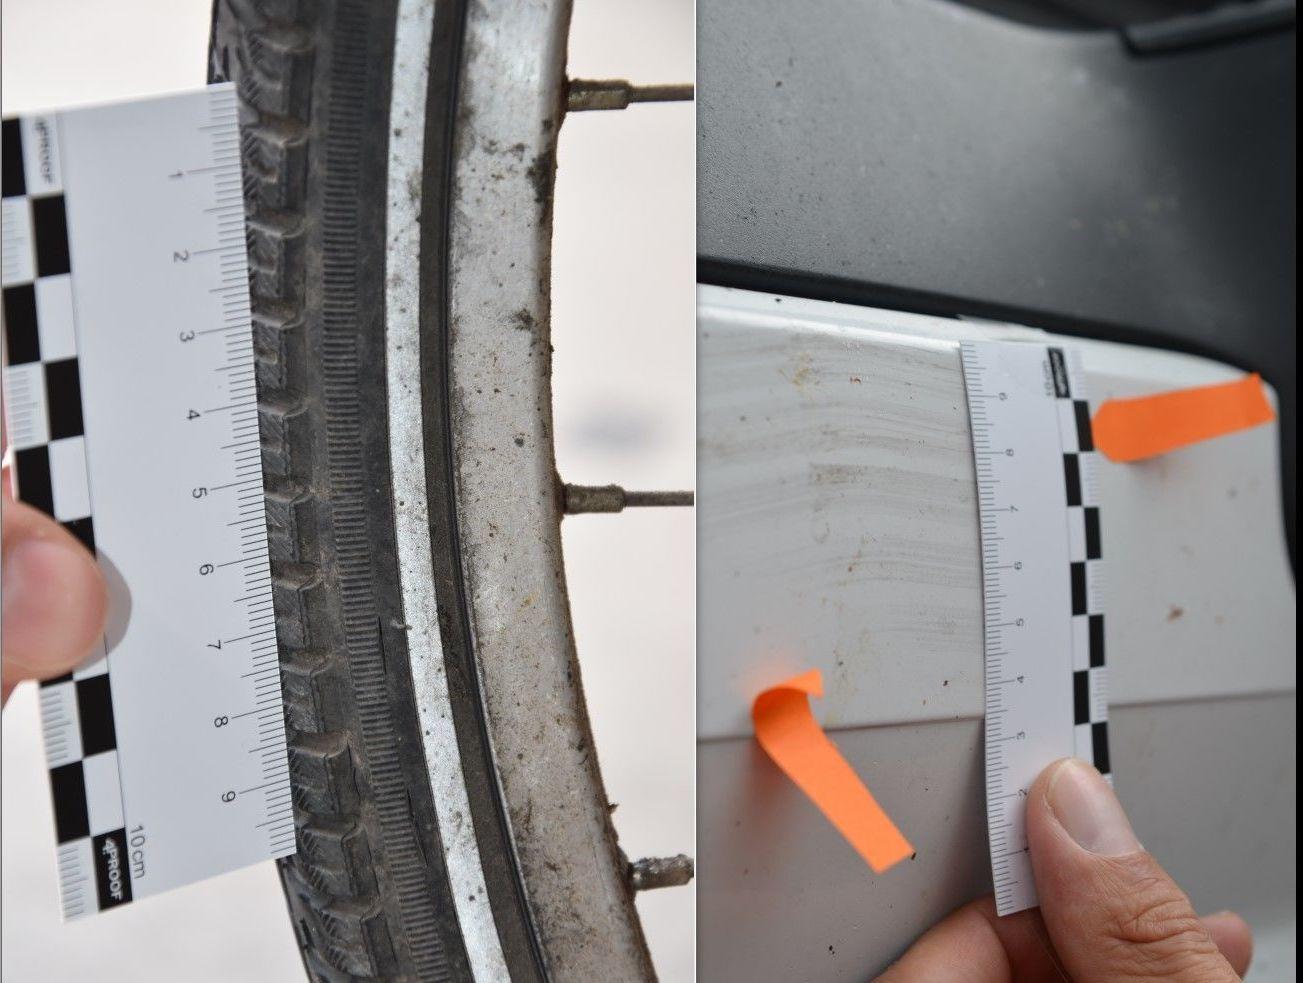 Abgleich des Fahrrad-Reifenprofils mit Kontaktspuren an der Lkw-Front